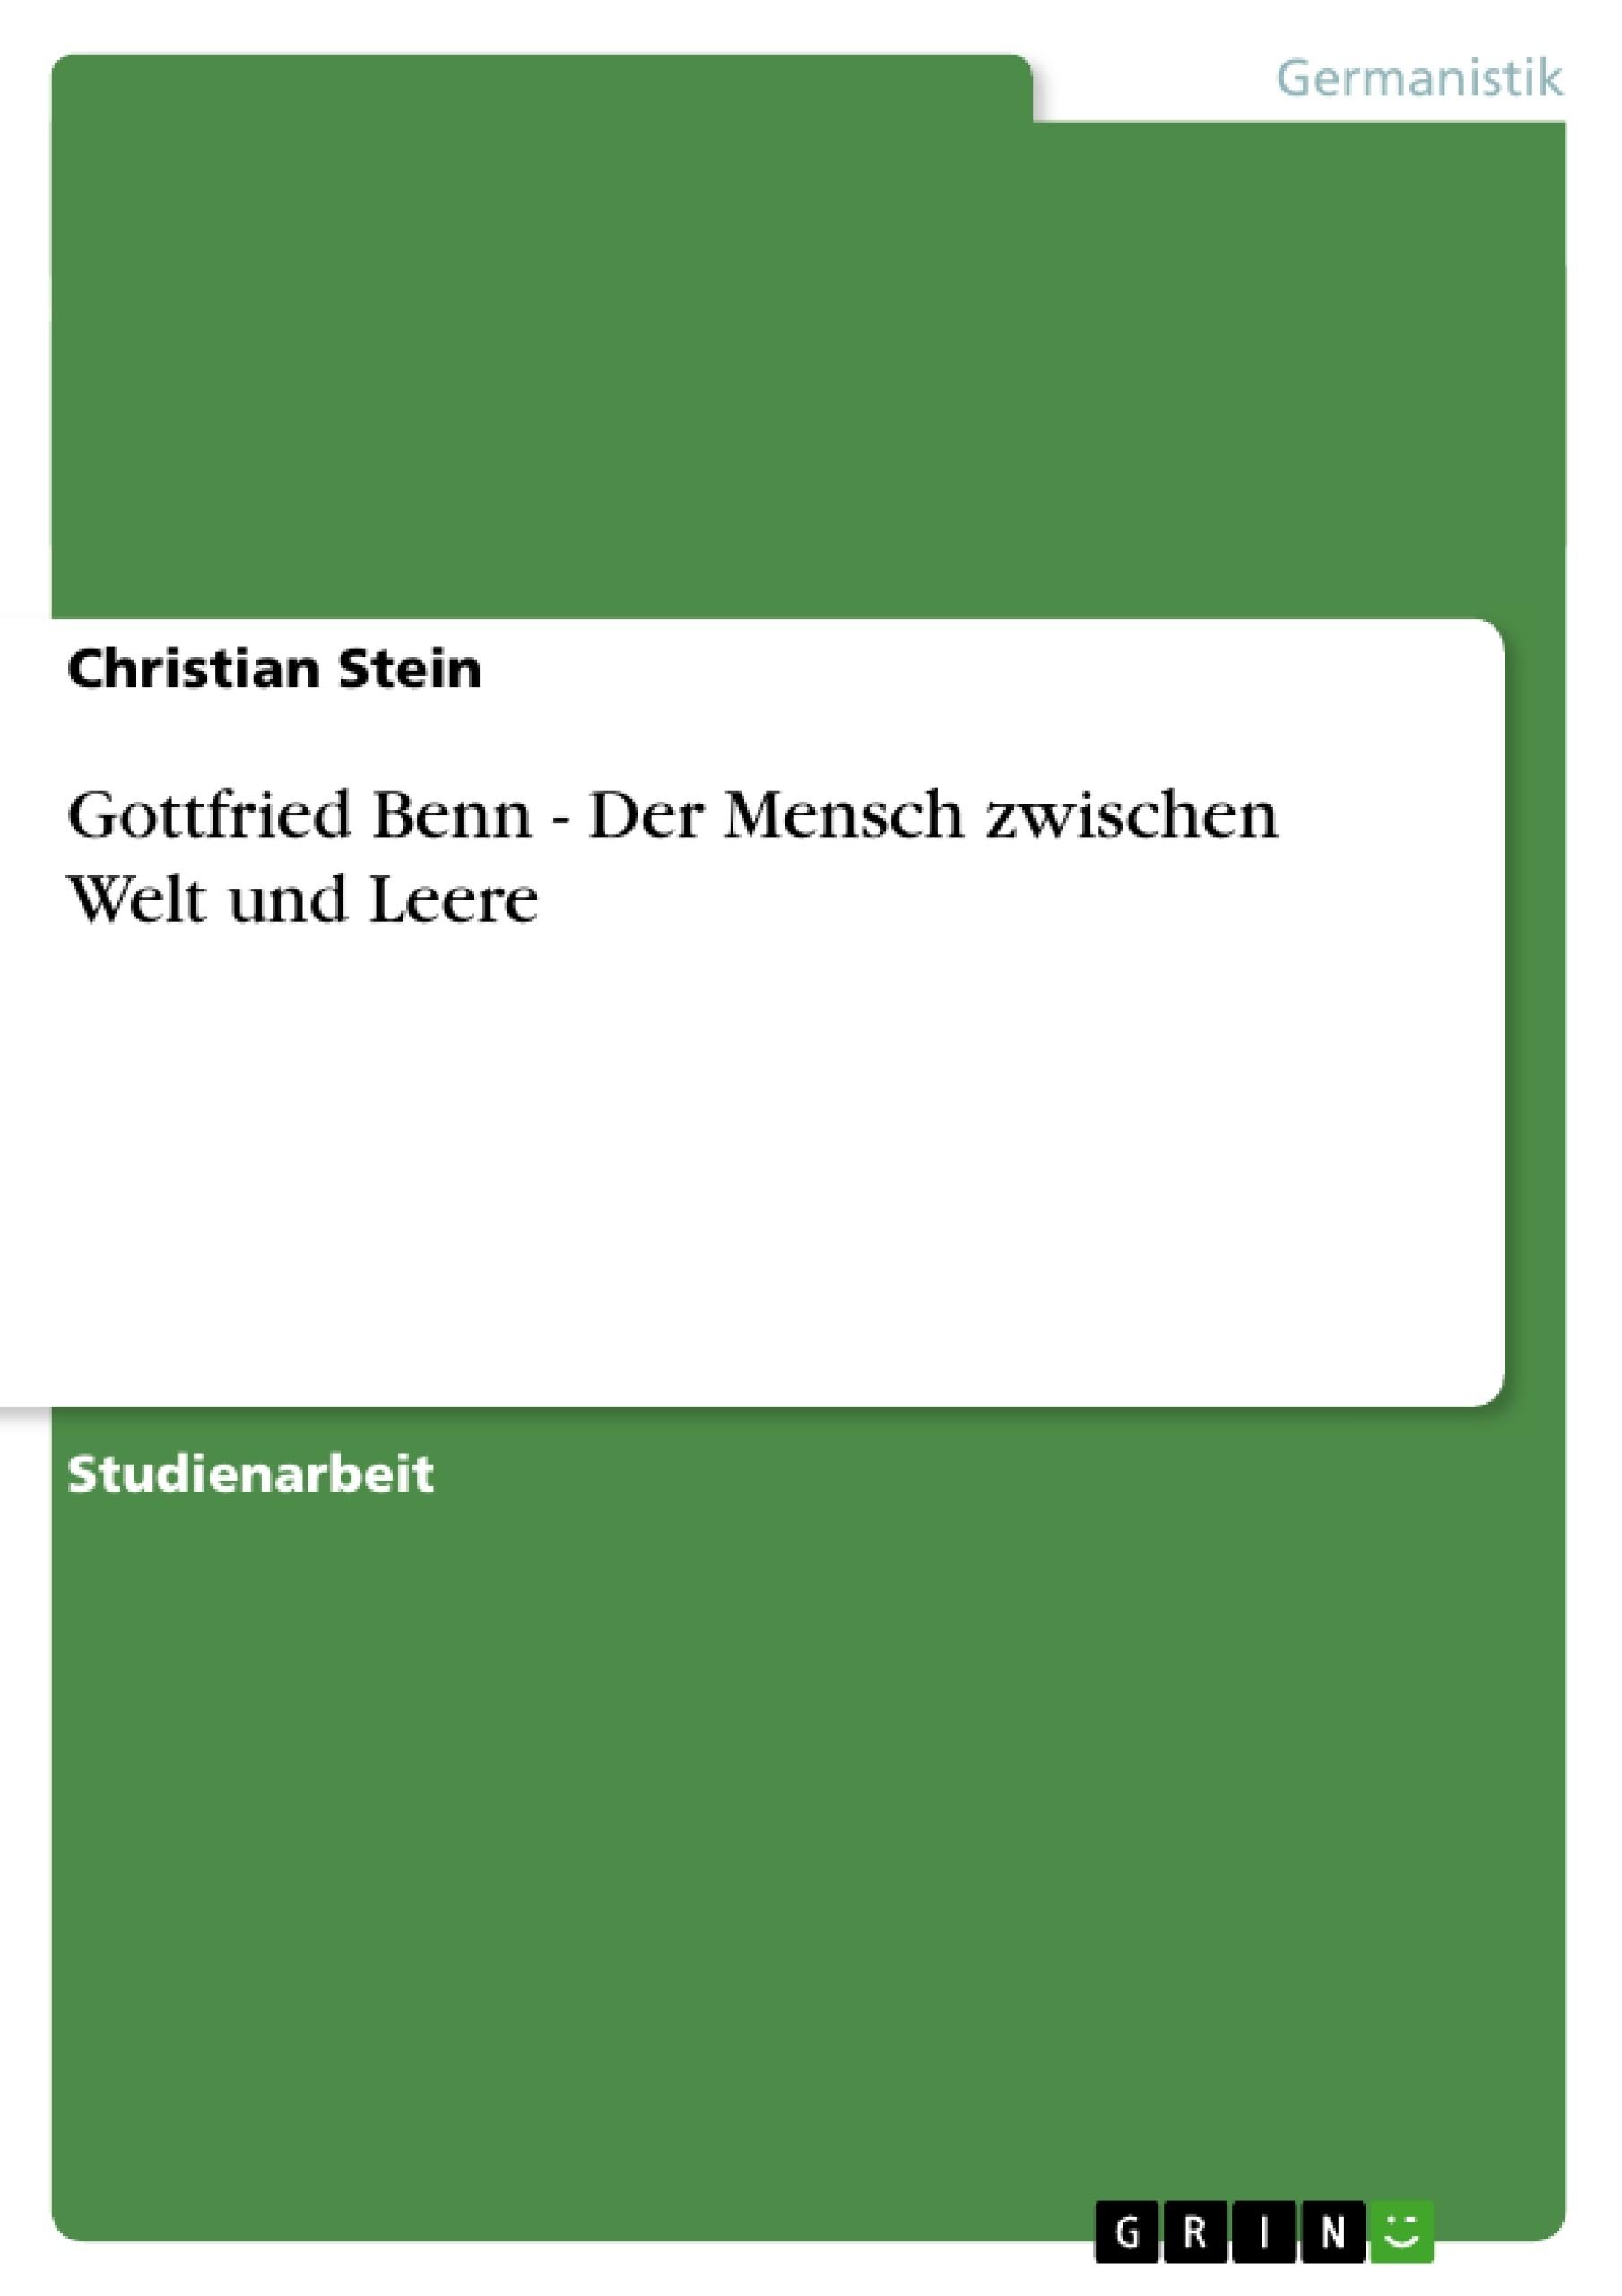 Titel: Gottfried Benn - Der Mensch zwischen Welt und Leere